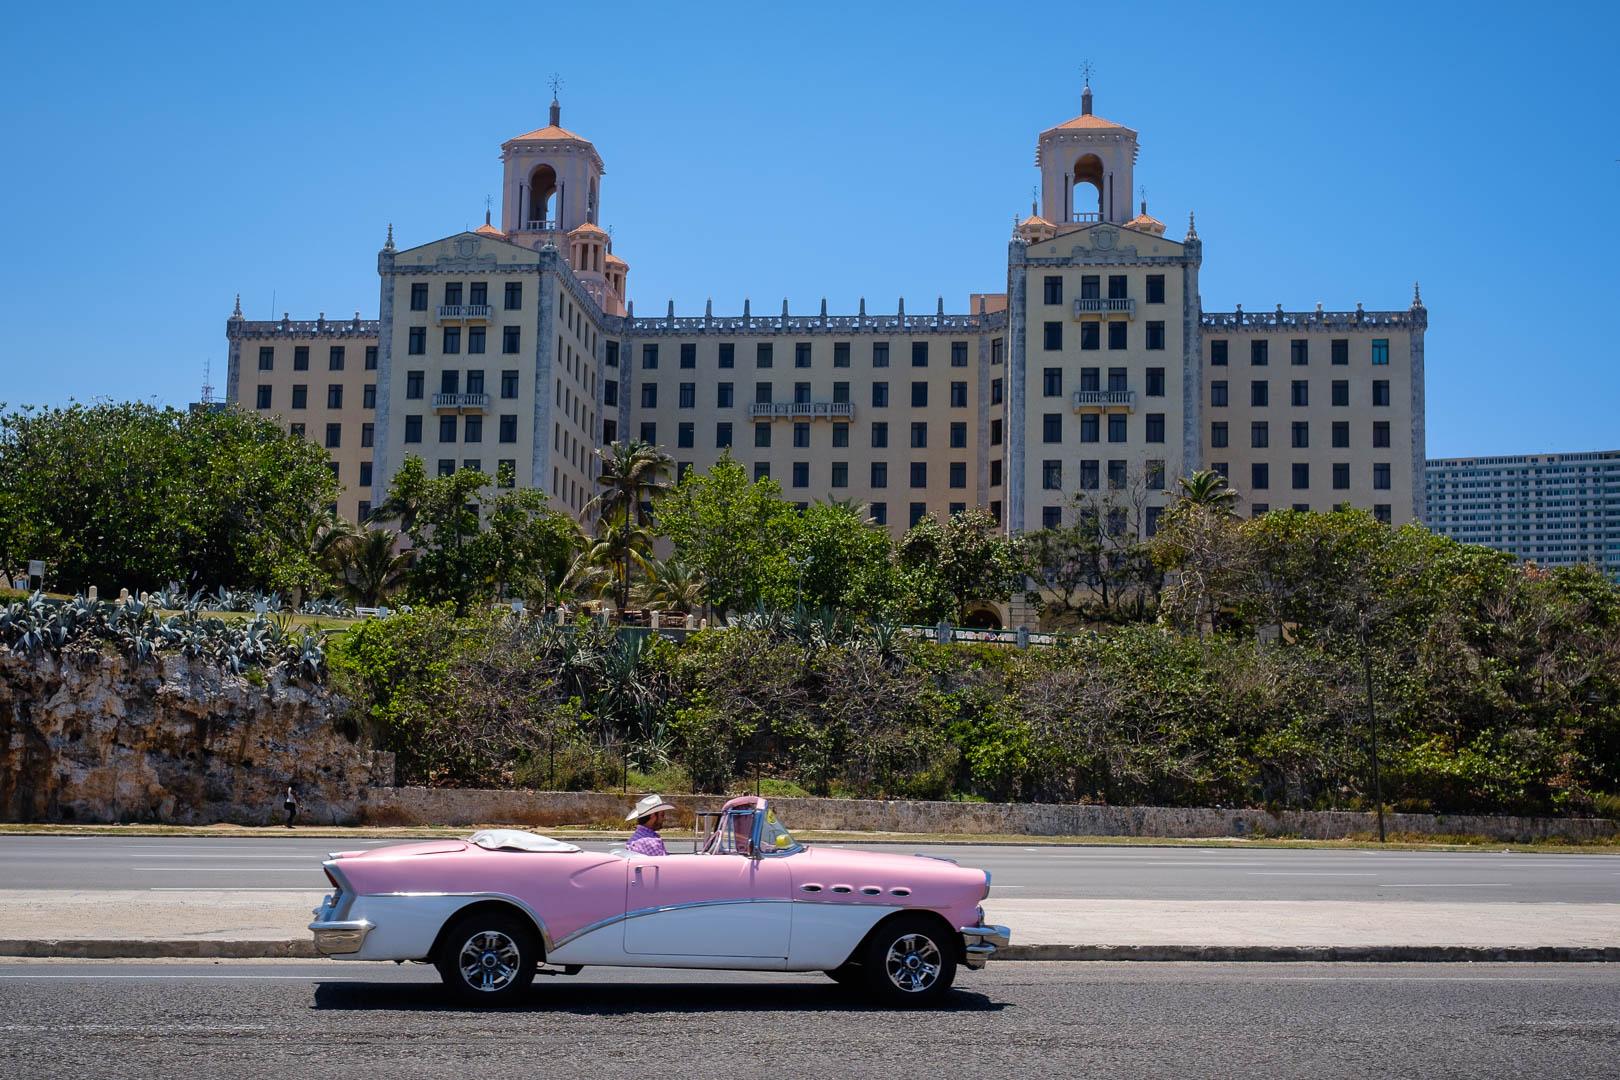 180501-Havana-249-1080.jpg